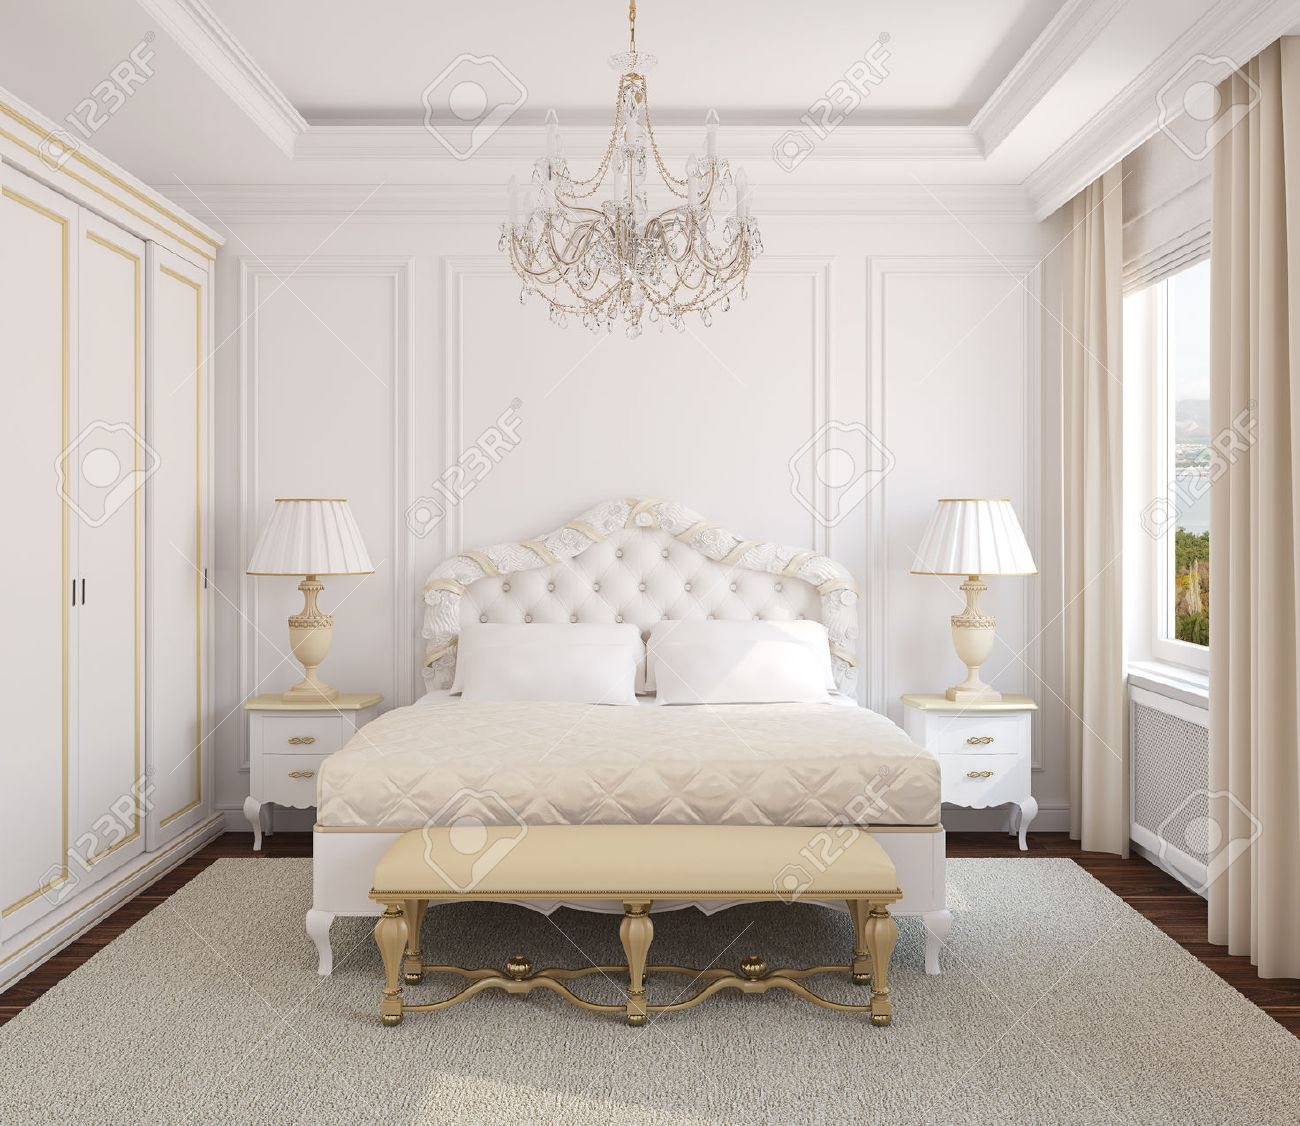 Dimensioni Finestre Camera Da Letto classica interno bianco camera da letto. rendering 3d. foto dietro la  finestra è stata fatta da me.